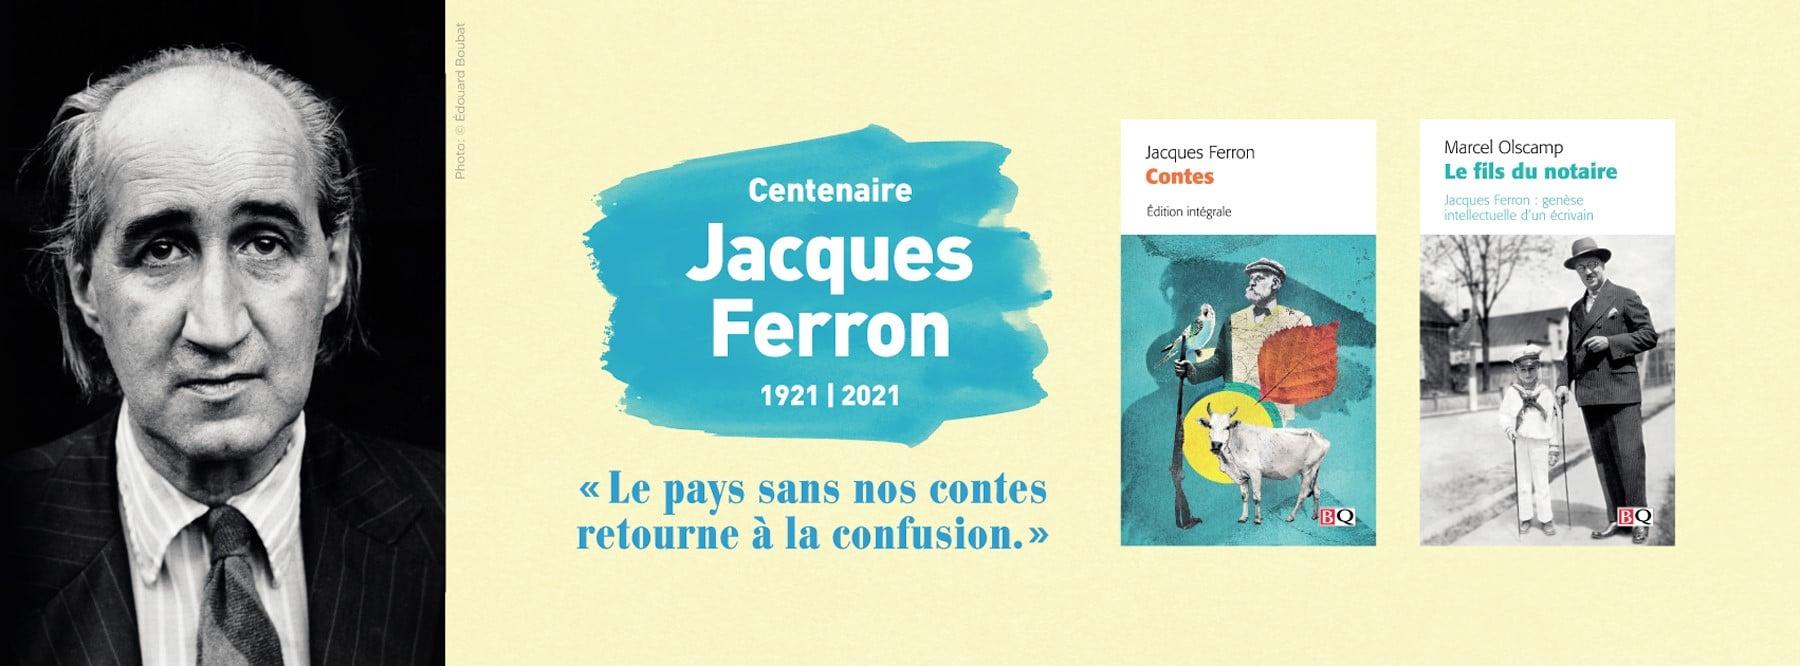 Centenaire de Jacques Ferron